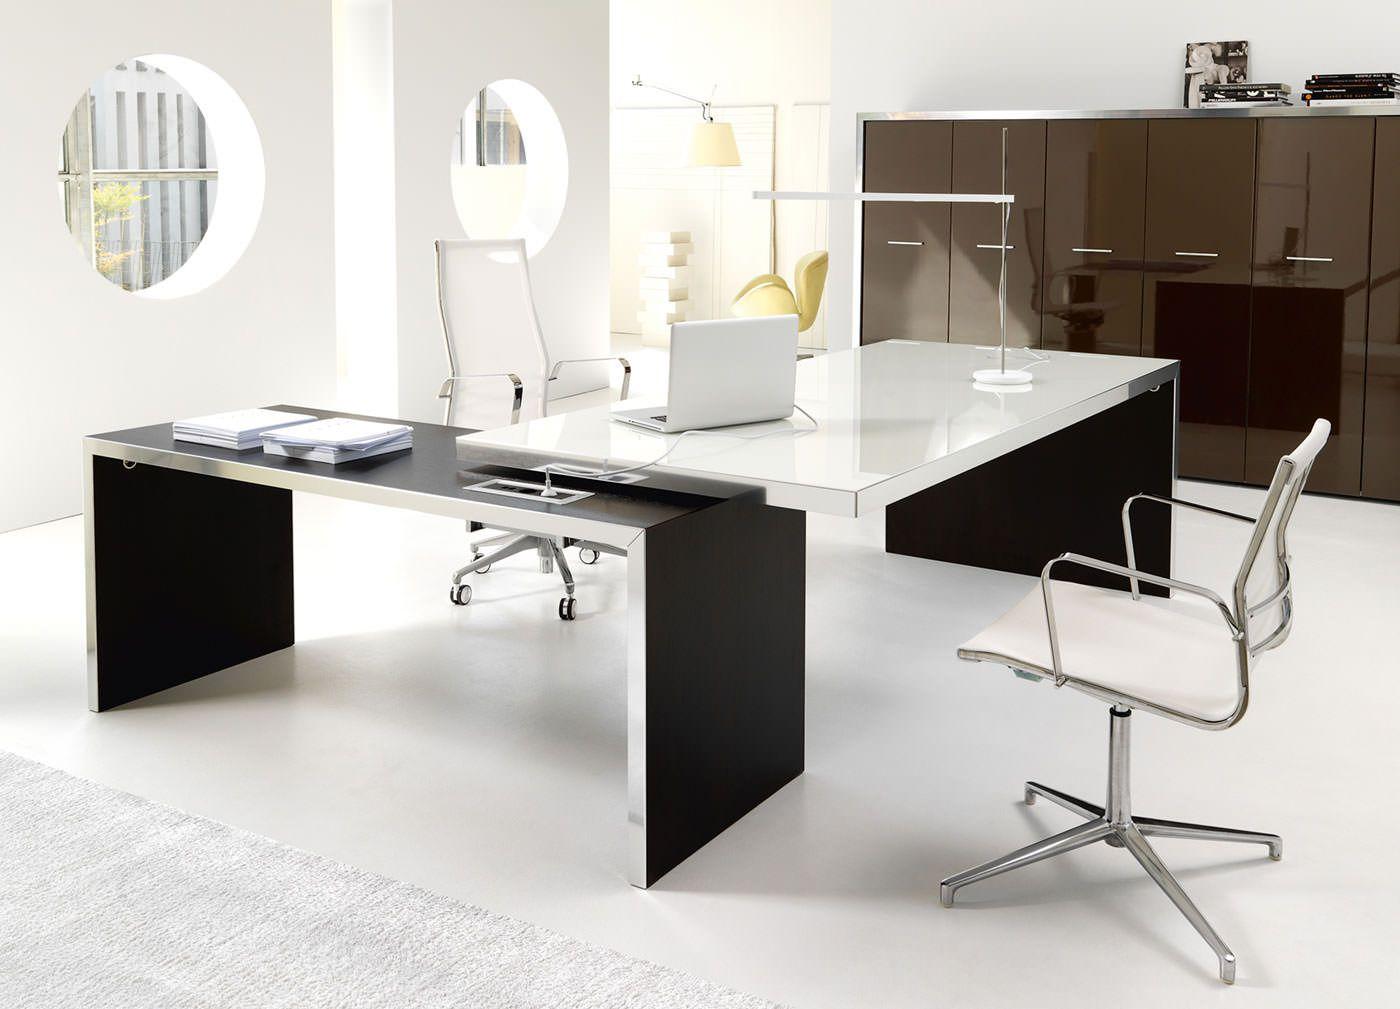 Mobili Per Ufficio : Mobili per ufficio wing ivm office : ivm office office pinterest